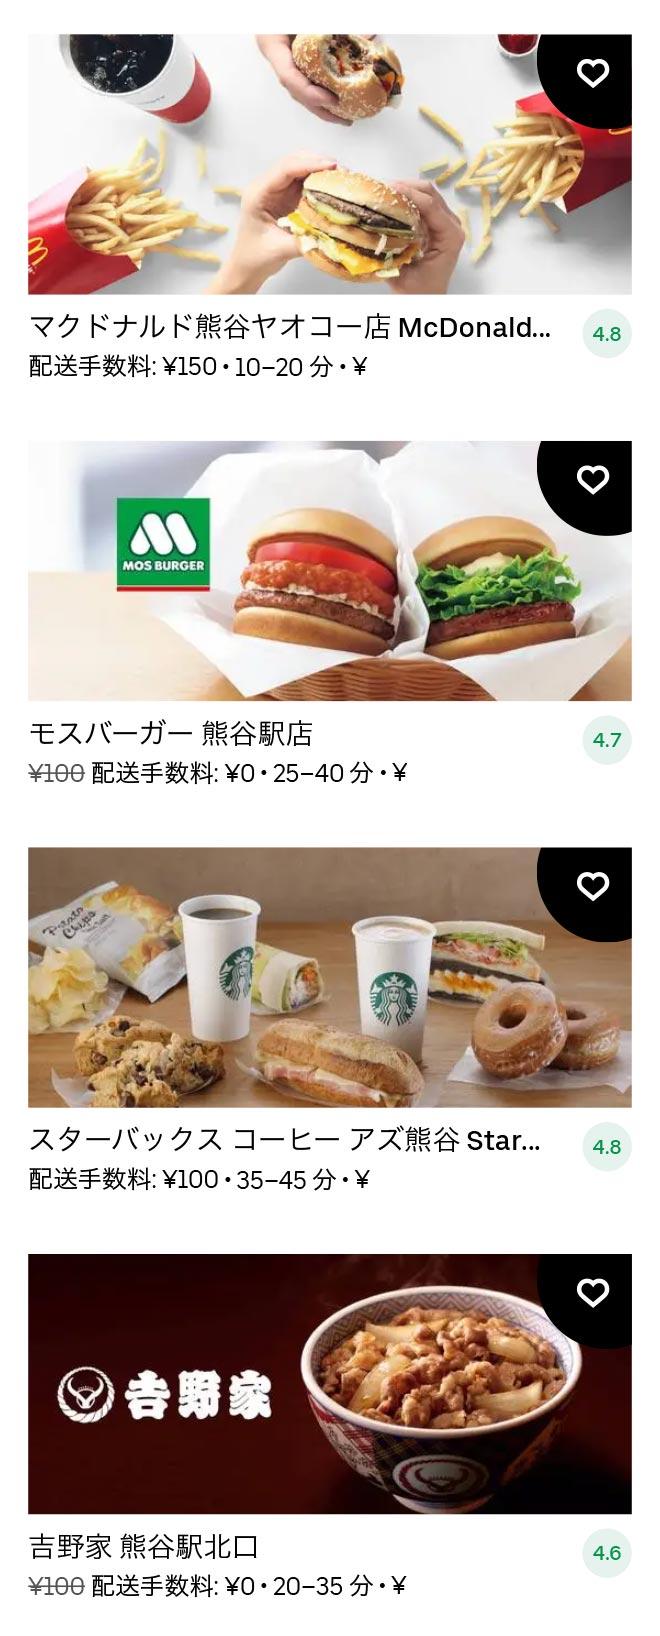 Kumagaya menu 2101 10